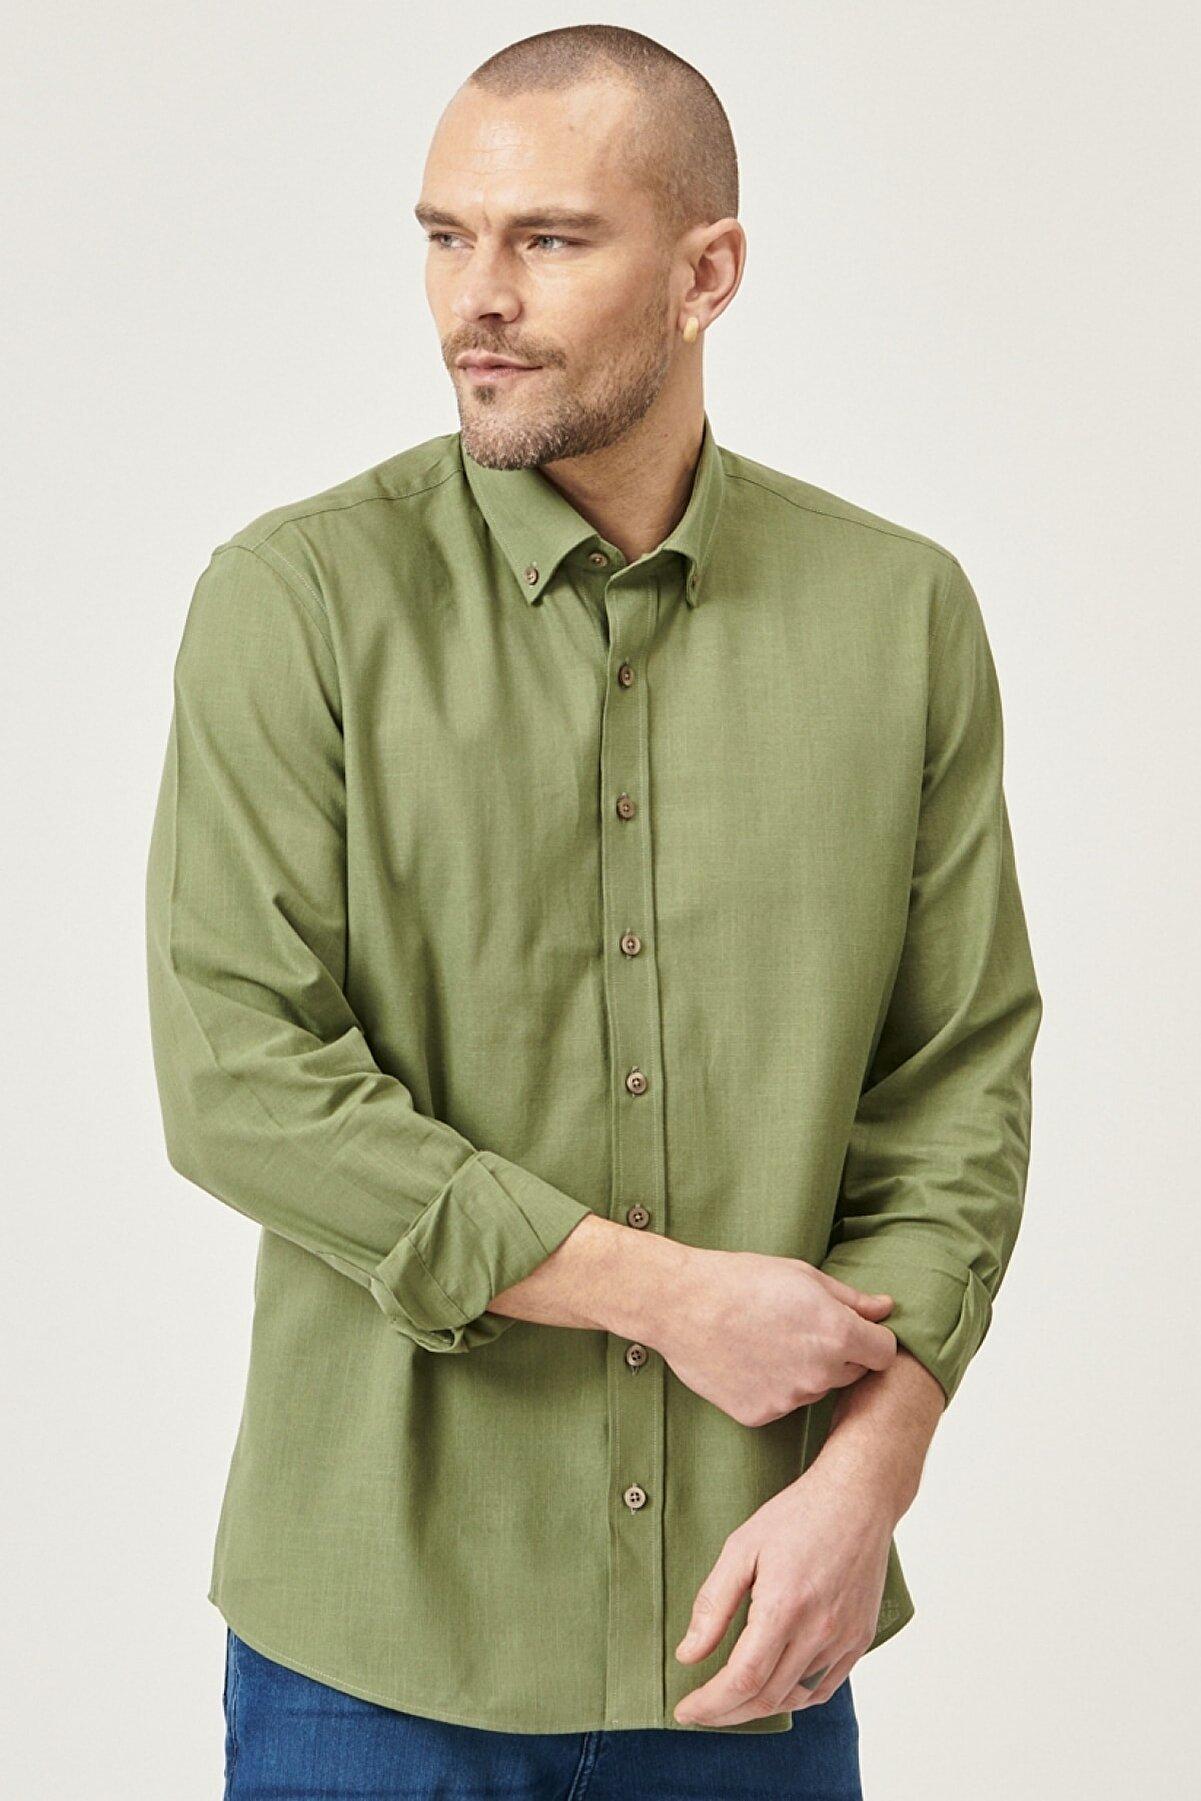 Altınyıldız Classics Erkek Haki Tailored Slim Fit Dar Kesim Düğmeli Yaka %100 Koton Gömlek